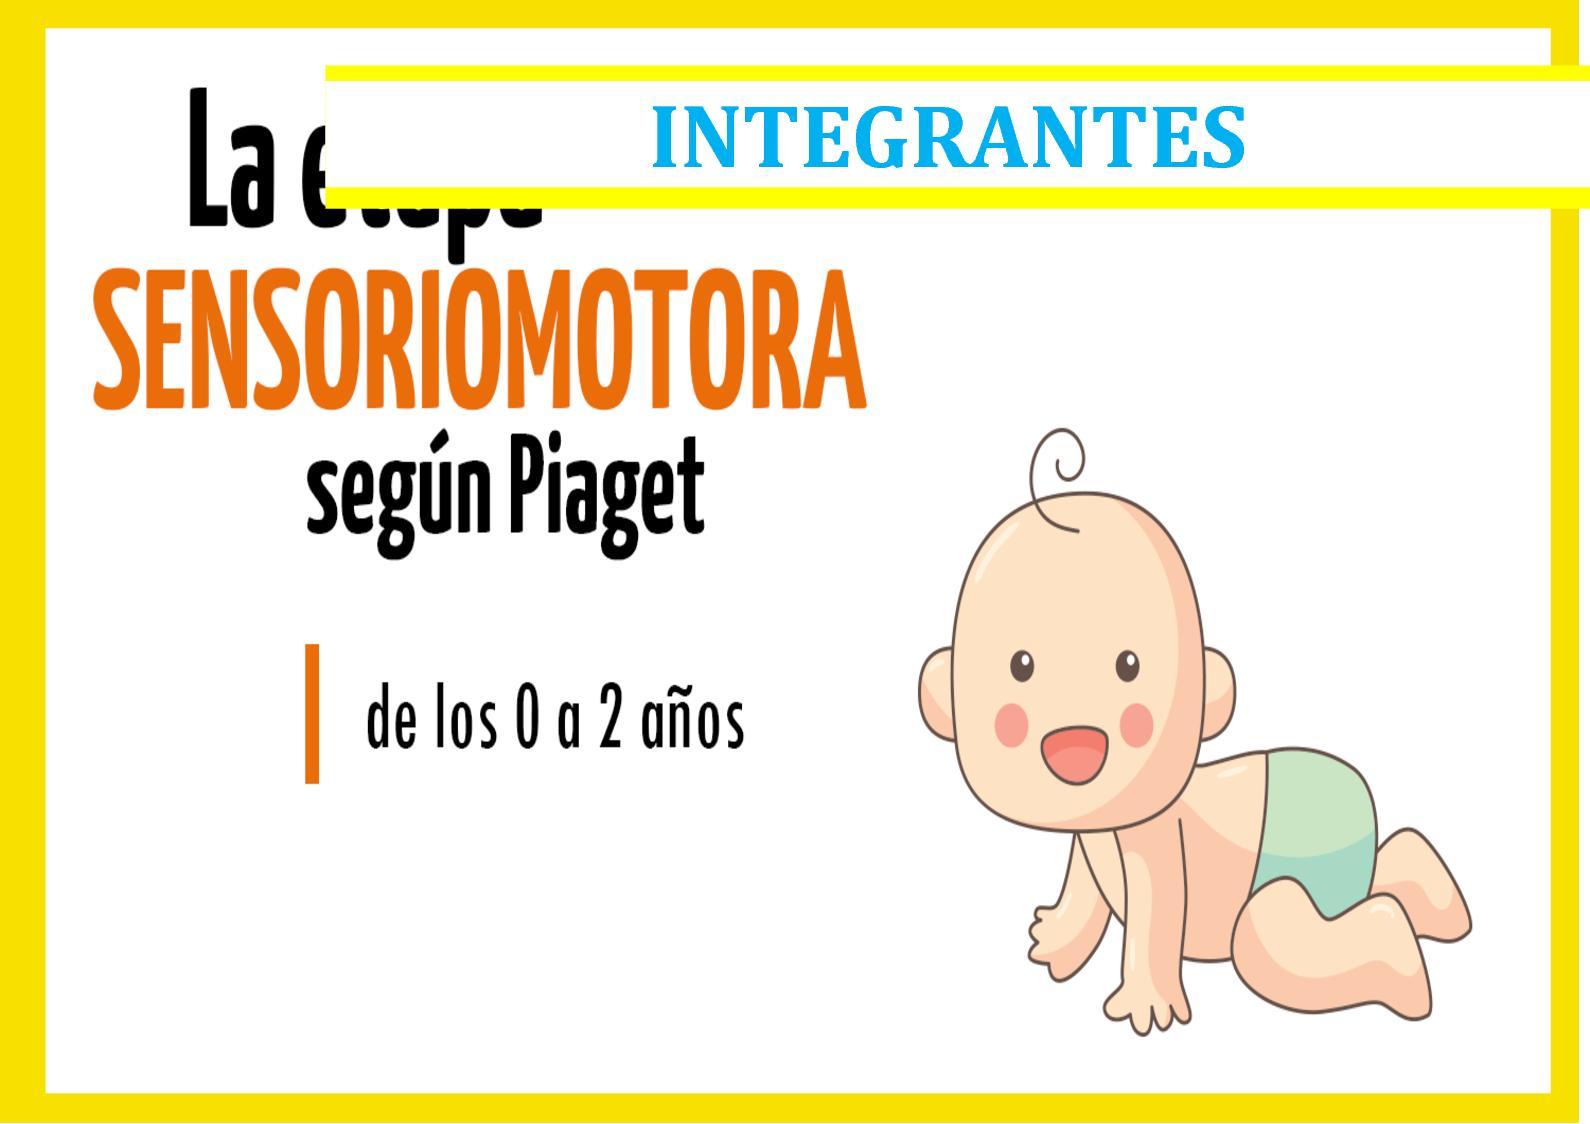 Calaméo - Piaget Y Erikson Desarrollo Psicoafectivo